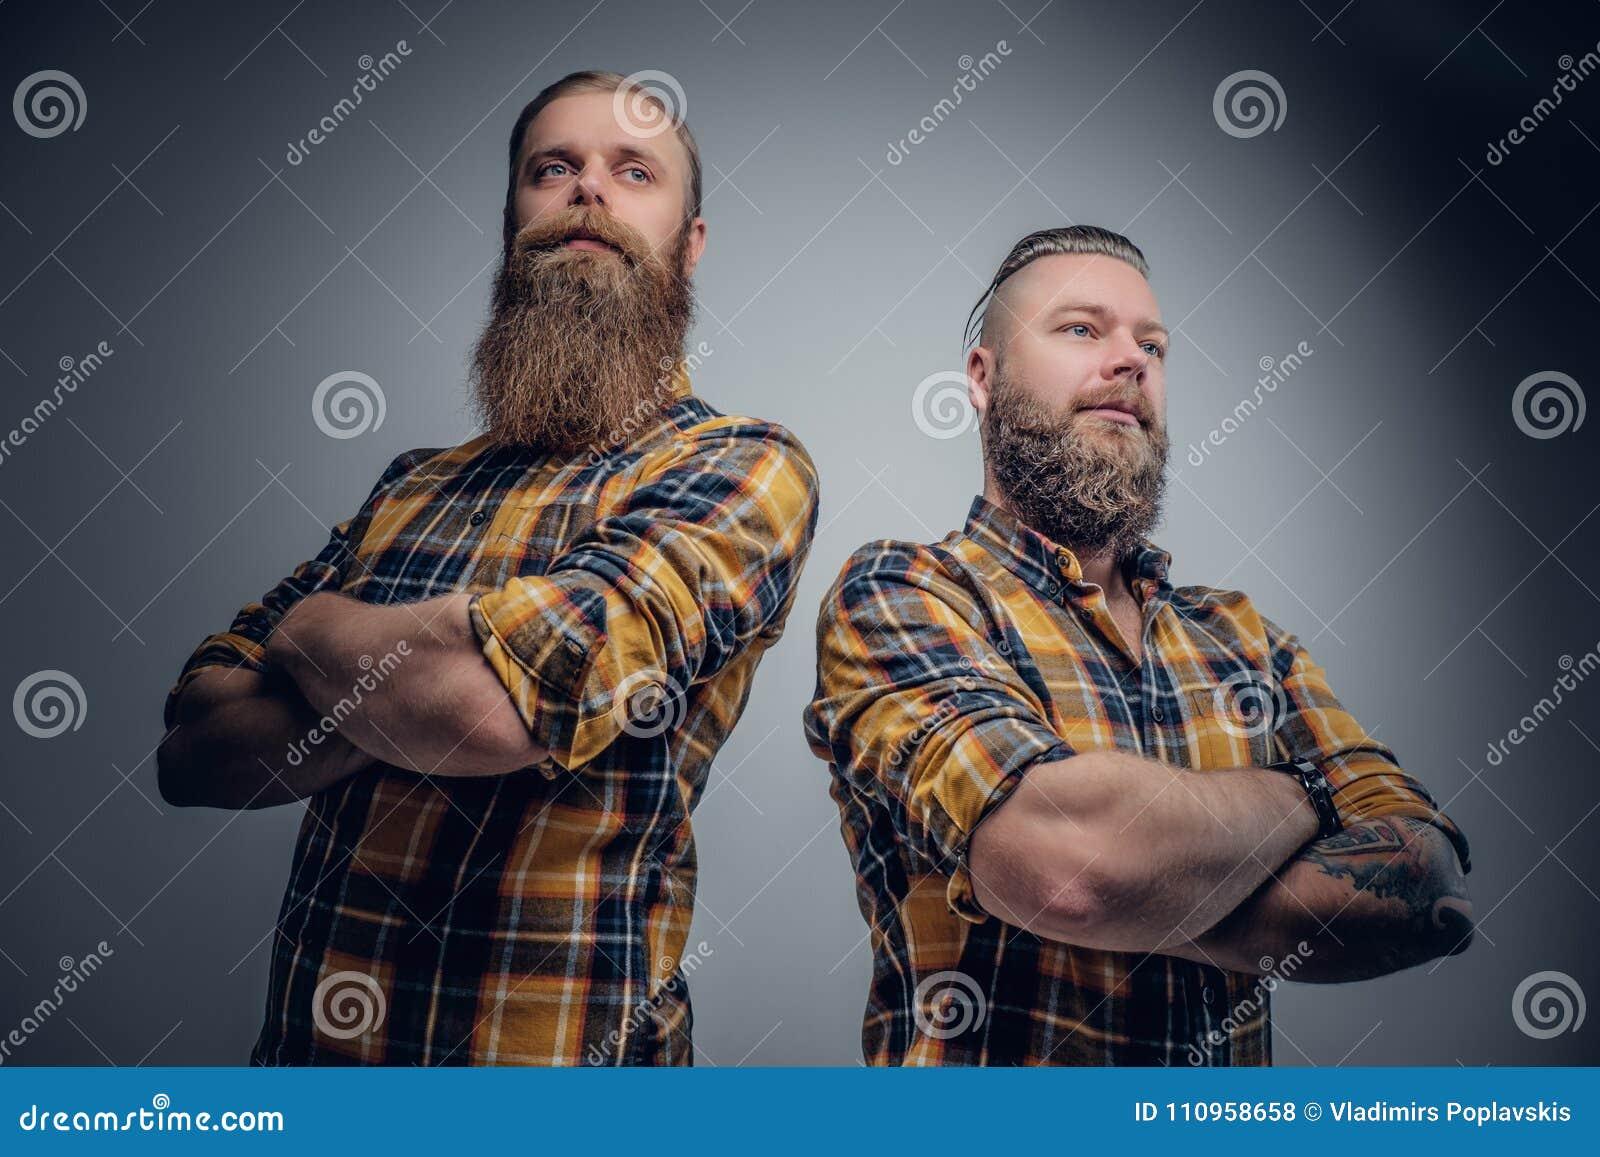 Δύο βάναυσα γενειοφόρα άτομα έντυσαν σε ένα πουκάμισο καρό